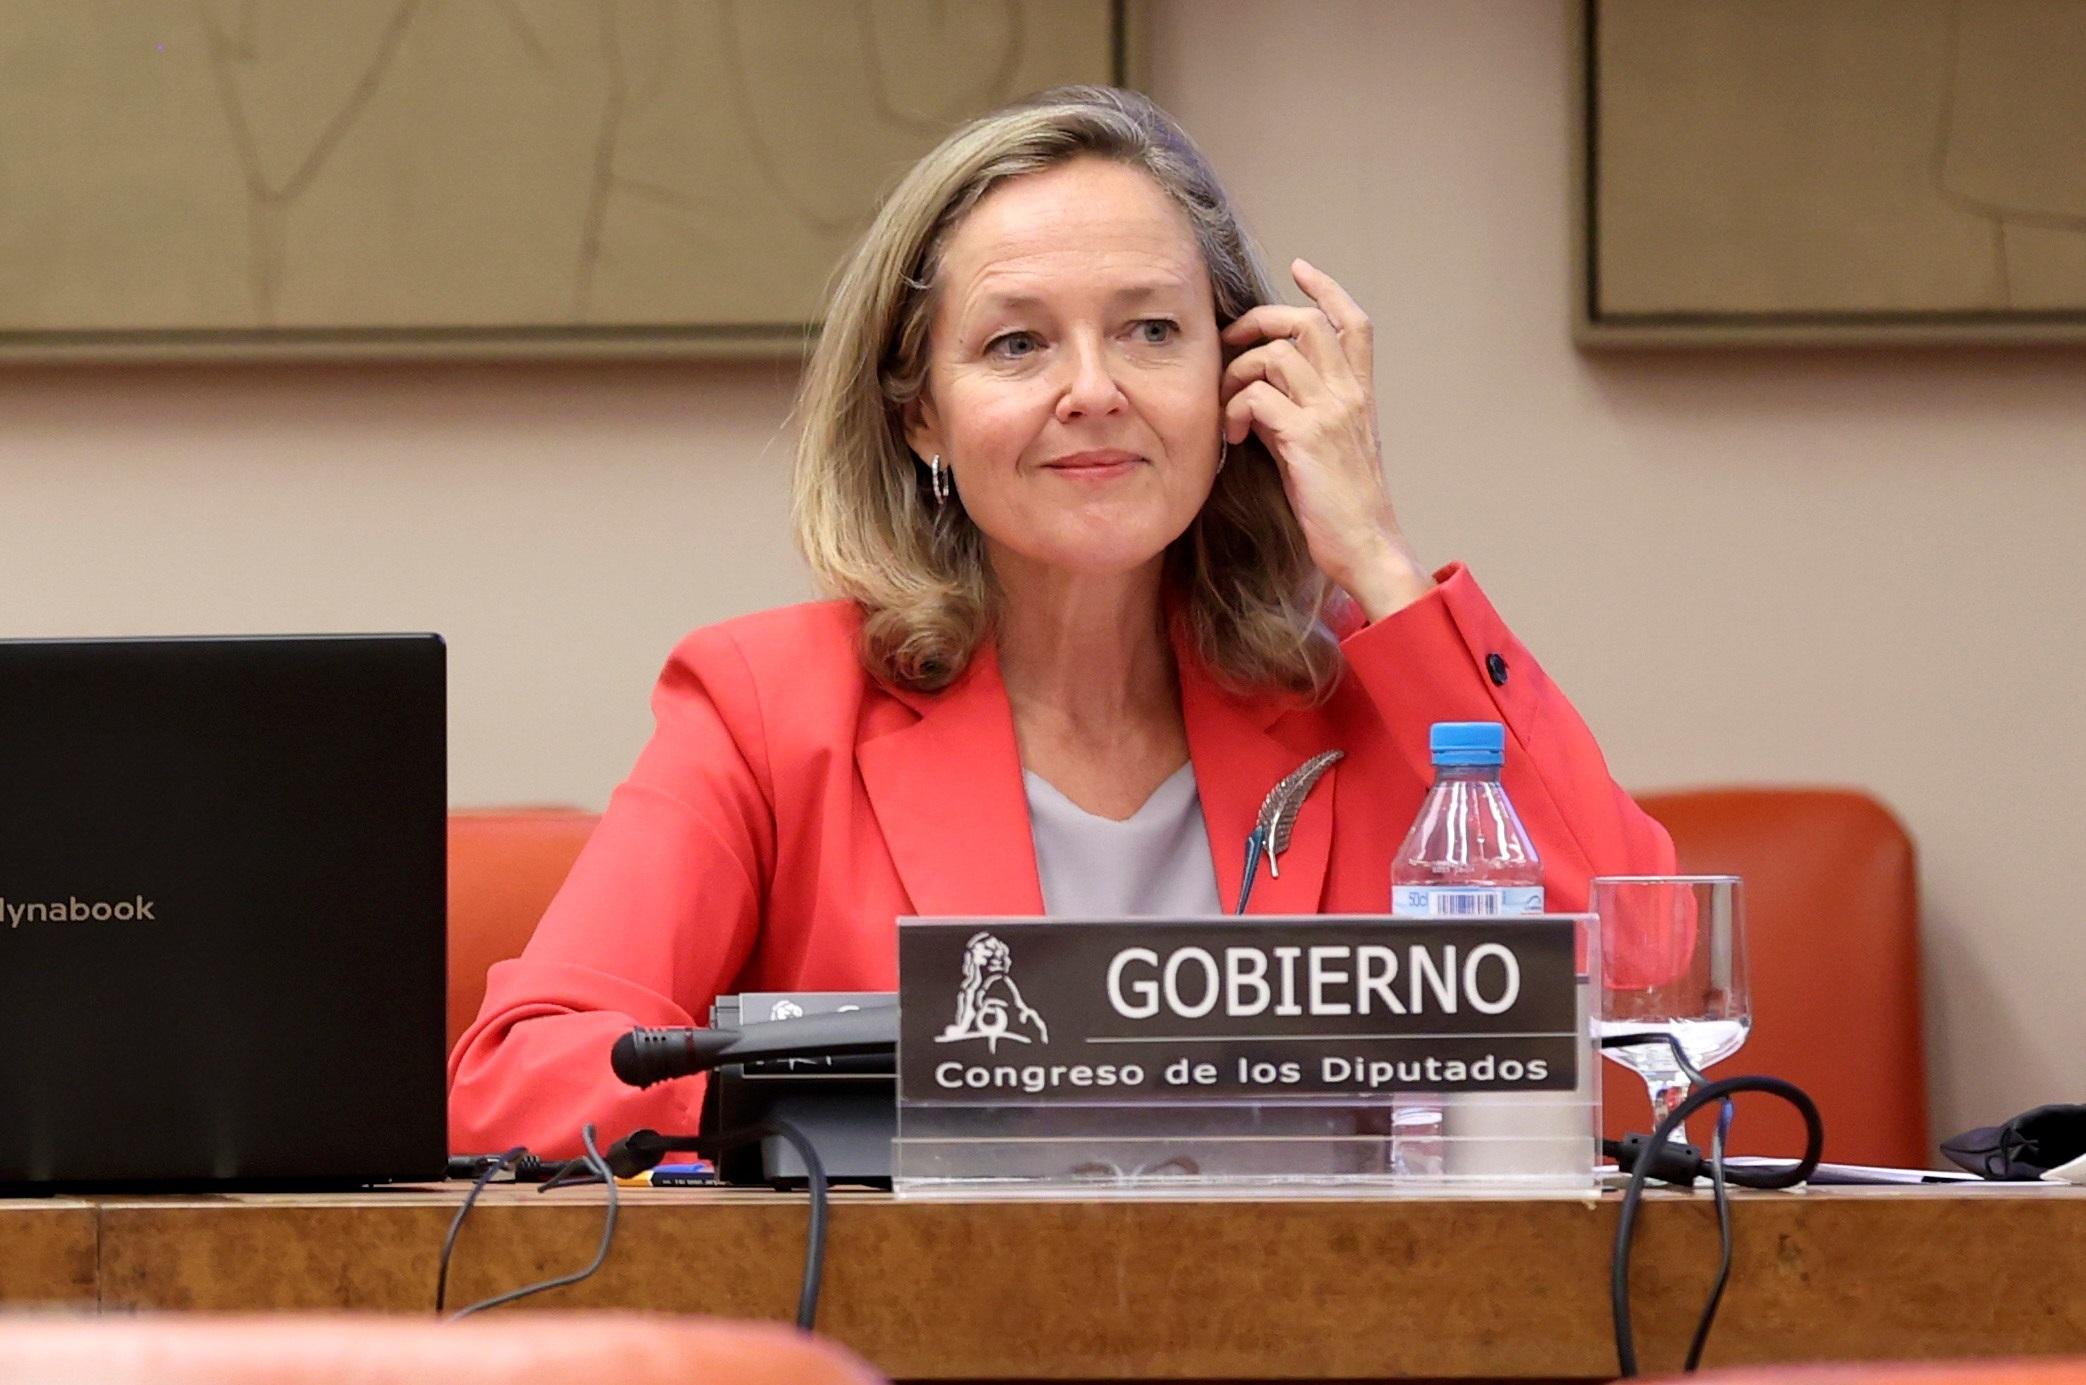 La vicepresidenta primera y ministra de Asuntos Económicos y Transformación Digital, Nadia Calviño, este jueves en el Congreso de los Diputados